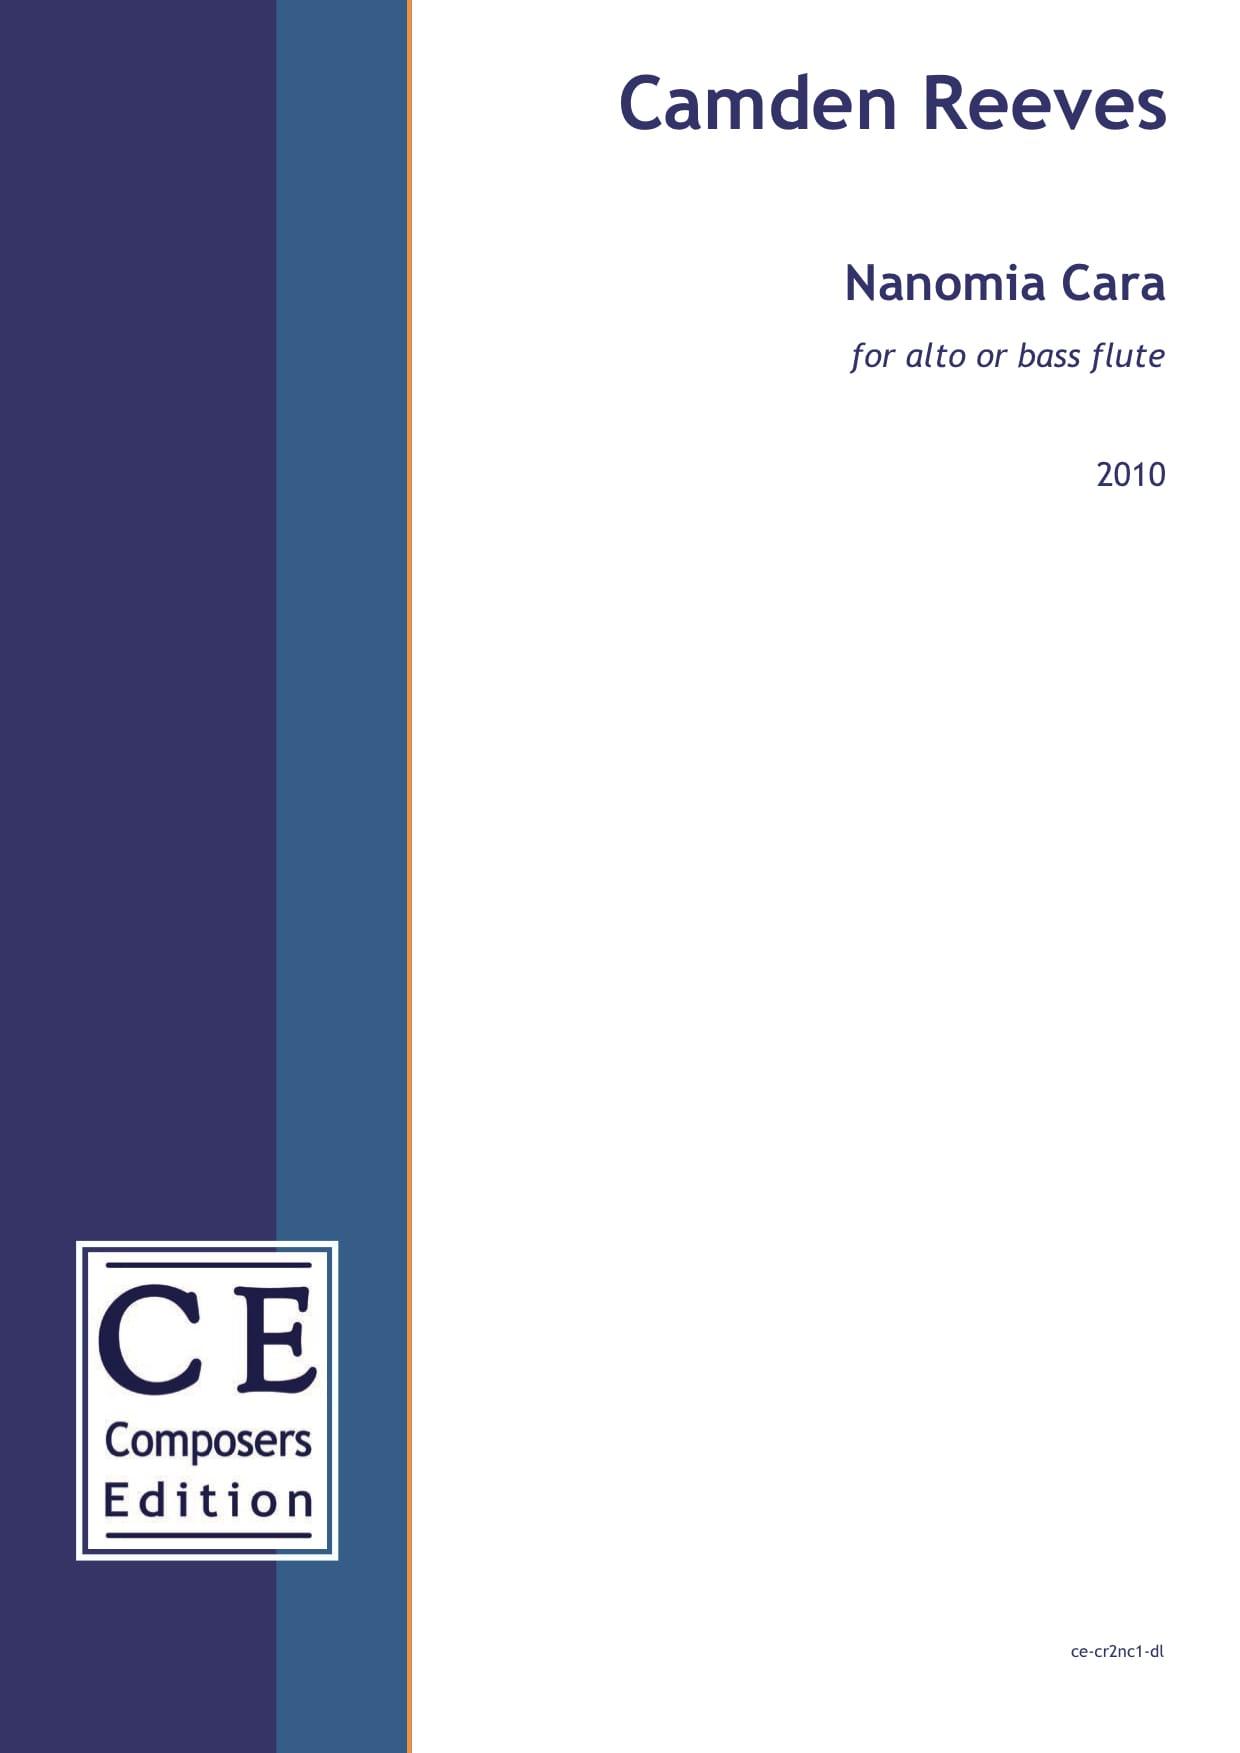 Camden Reeves: Nanomia Cara for alto or bass flute